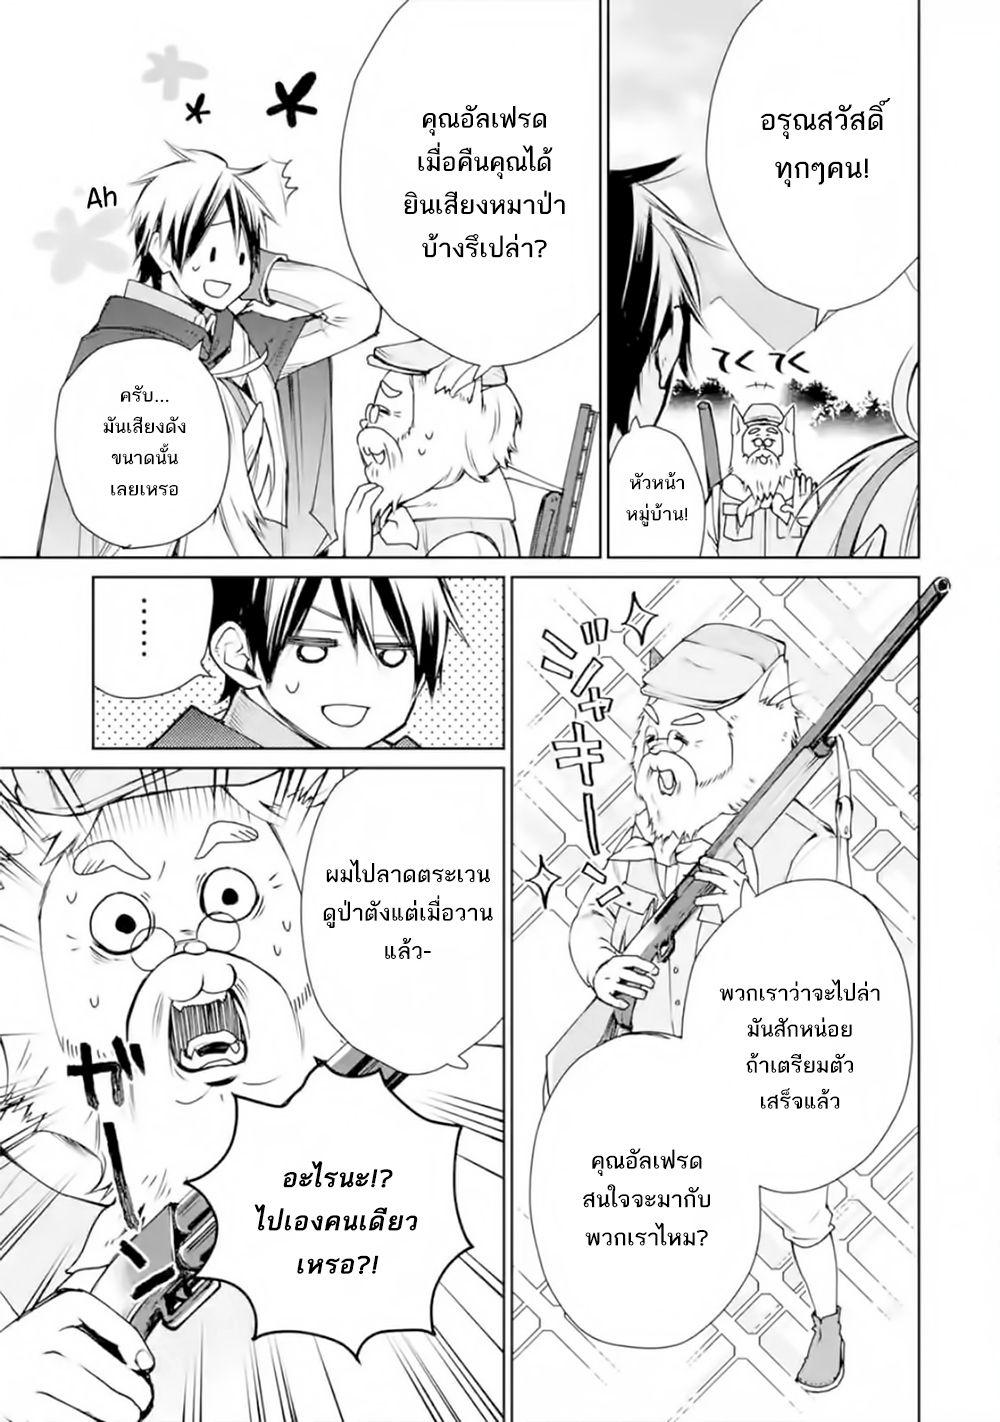 อ่านการ์ตูน Saikyo no mado-shi. Hiza ni ya o ukete shimattanode inaka no eihei ni naru ตอนที่ 2.3 หน้าที่ 4